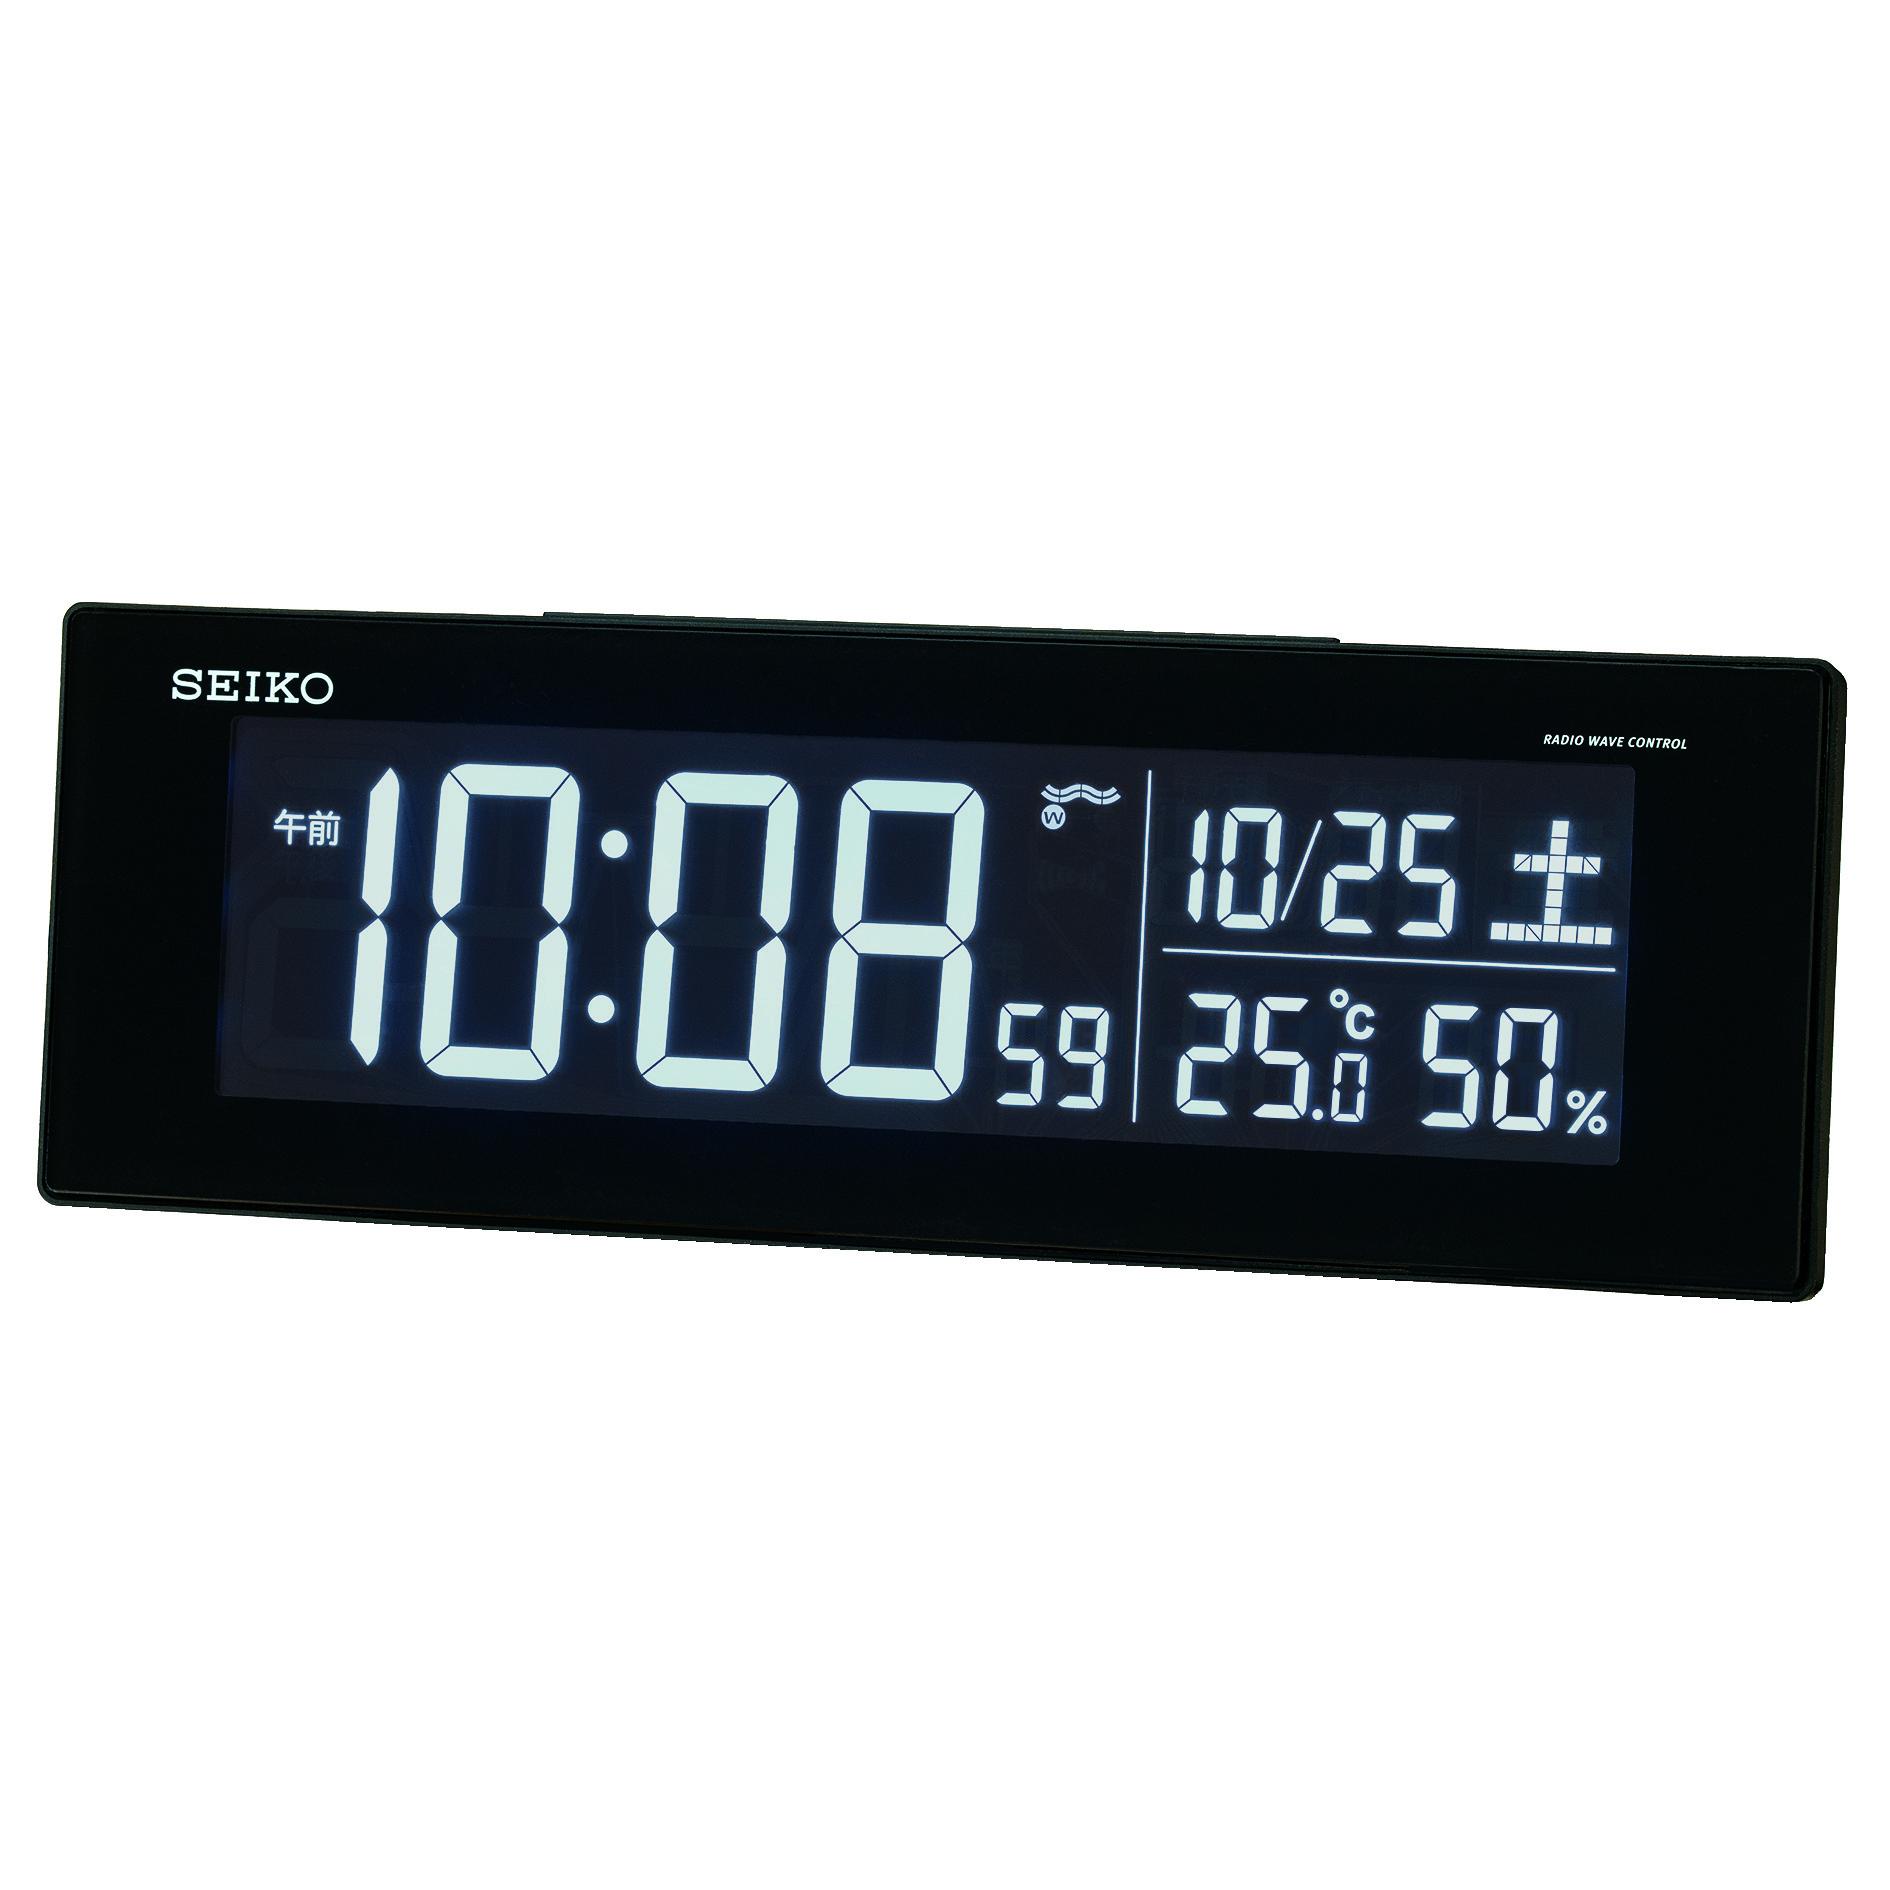 [セイコークロック] デジタルチェンジカラー電波クロック DL305Kの商品画像